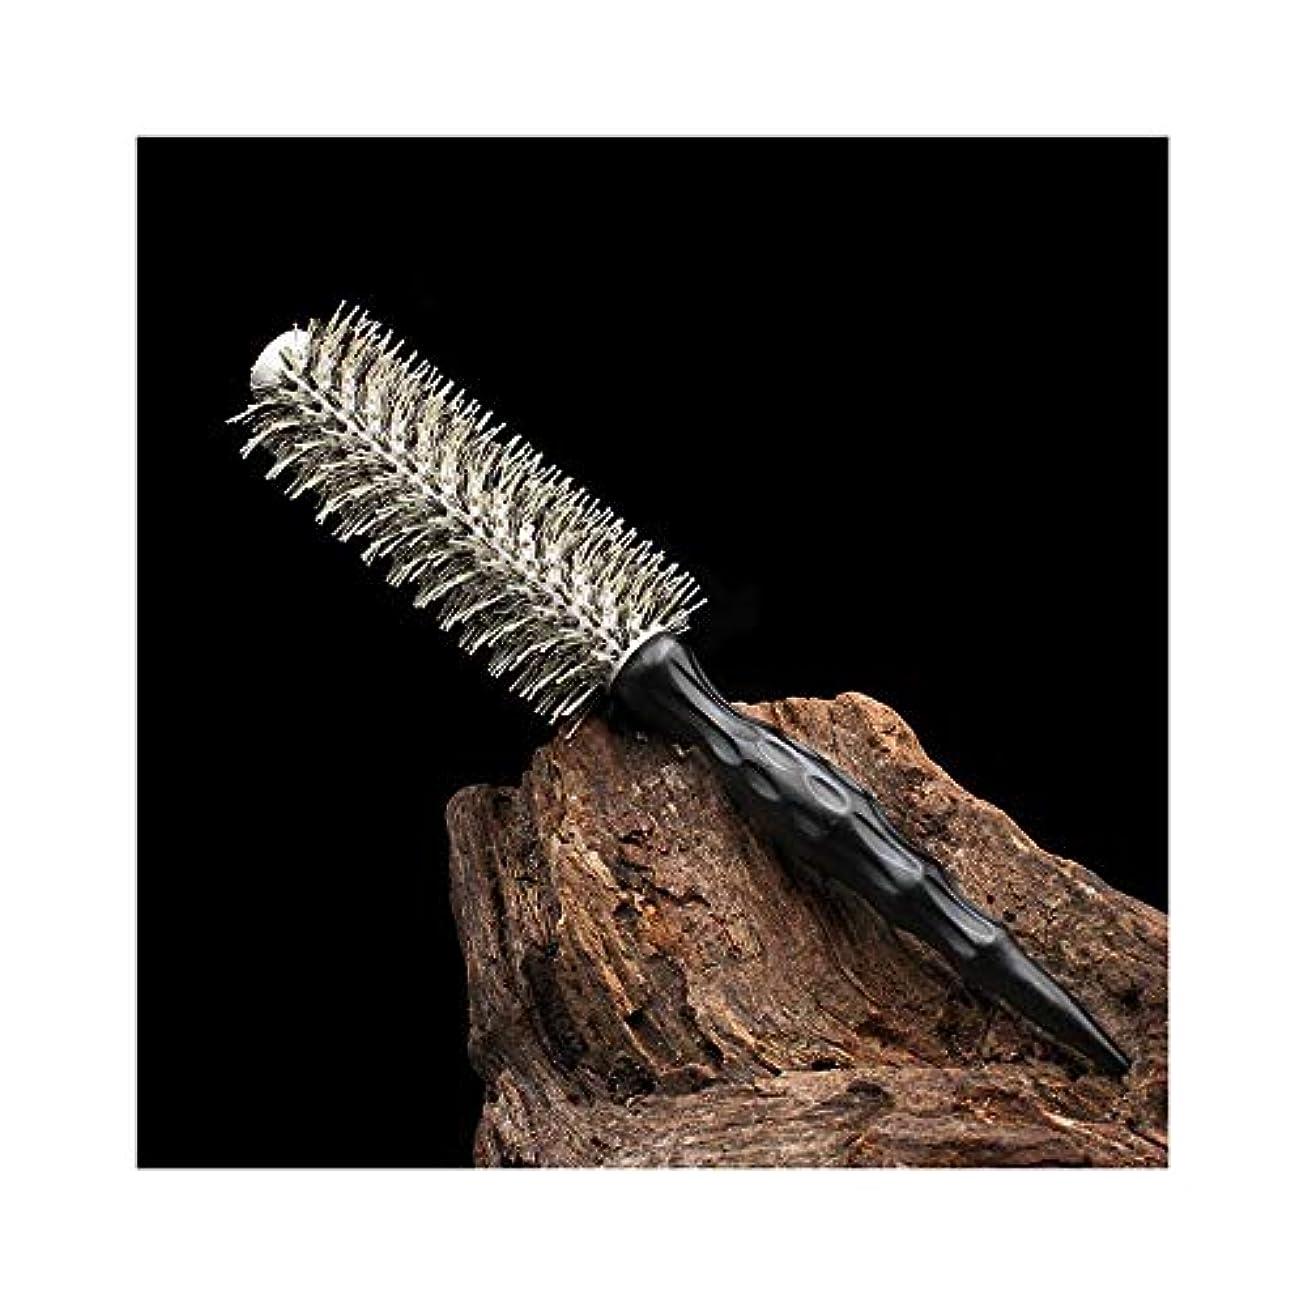 WASAIO ヘアブラシカーリーヘアコームヘアサロンデザインローリングコーム用帯電防止ヘアブラシ (サイズ : L)